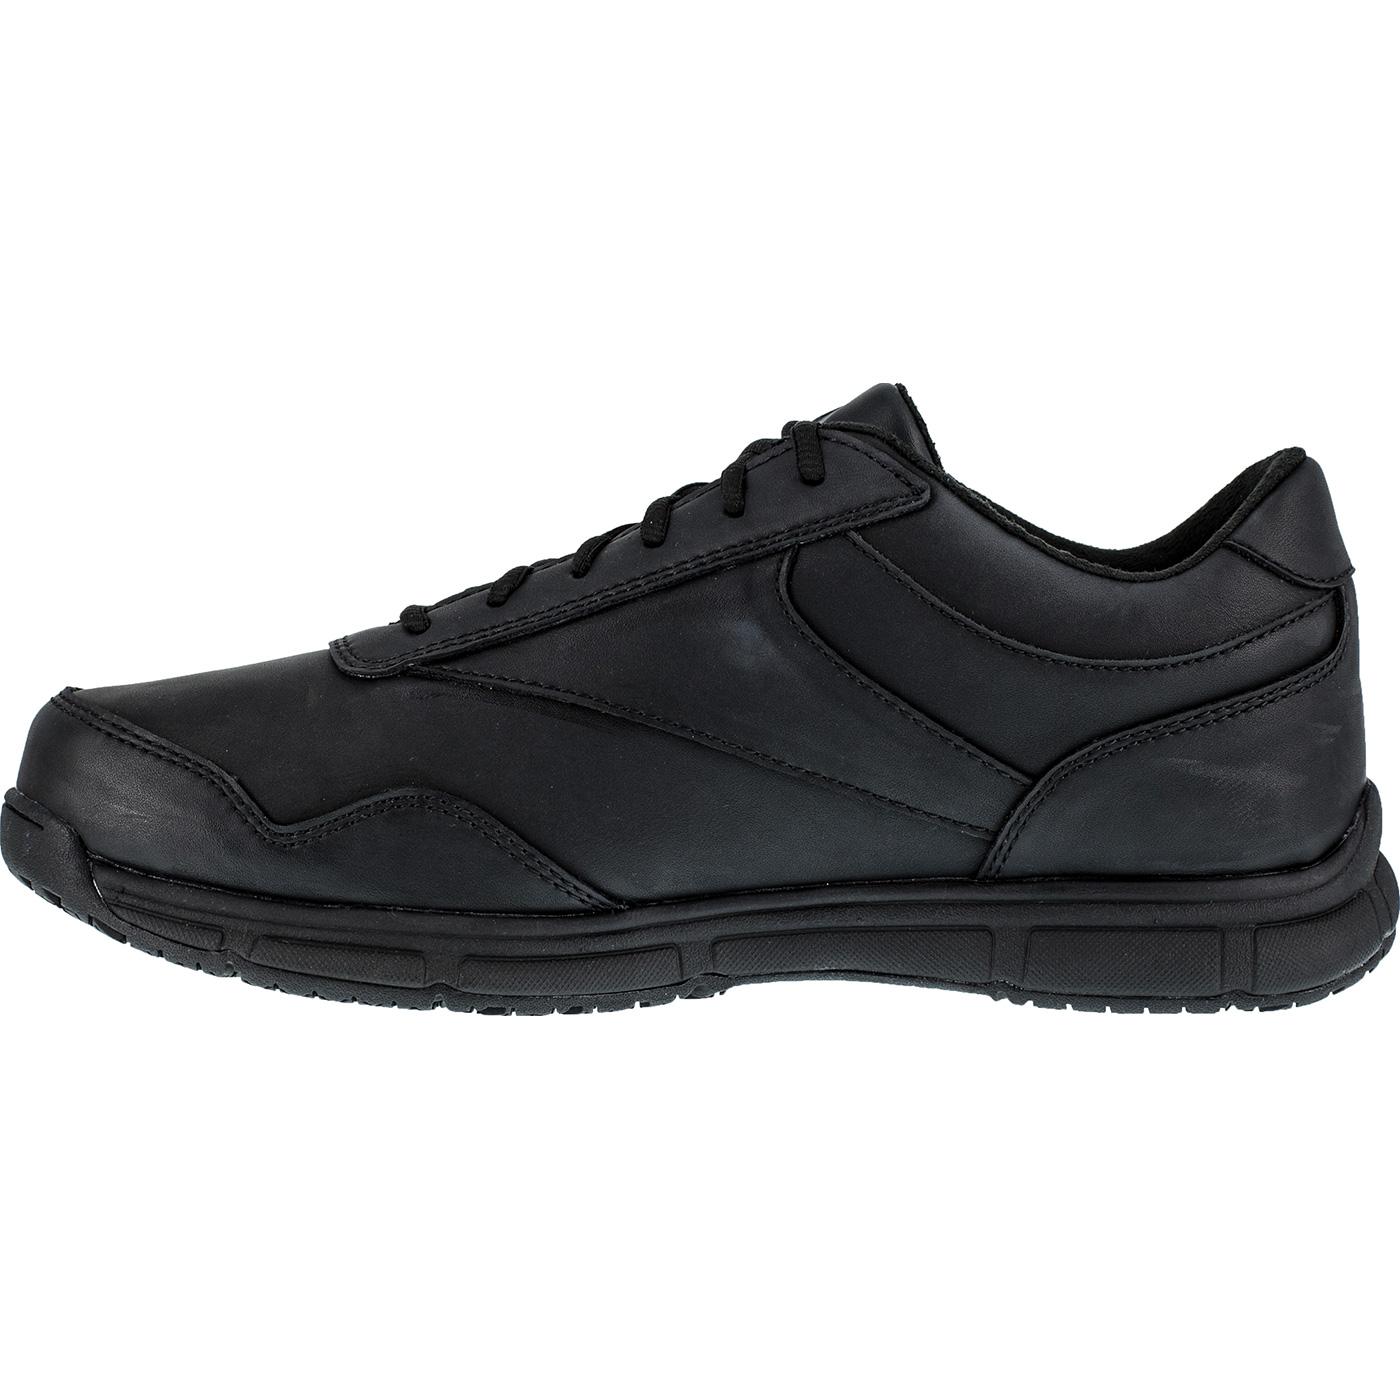 fe31ce9cd8f6 Reebok Jorie LT Women s Slip Resistant Electrical Hazard Black Work  Sneaker